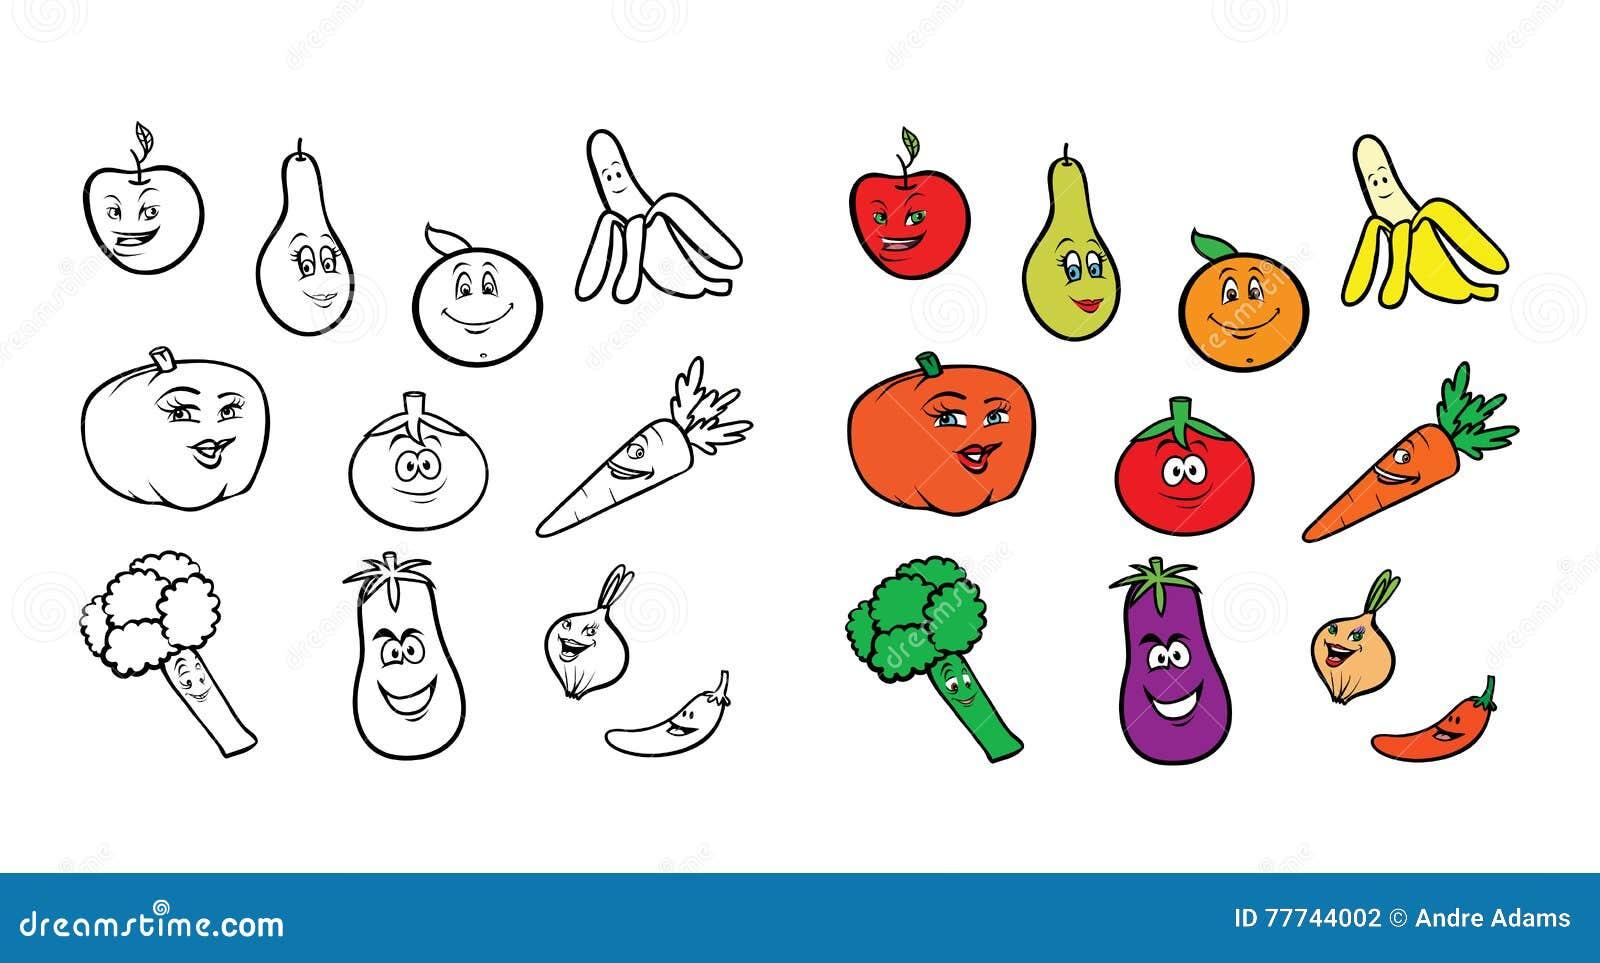 Coloriage Pomme Et Oignon Dessin Anime.Porte Des Fruits Livre De Coloriage De Veggies Illustration